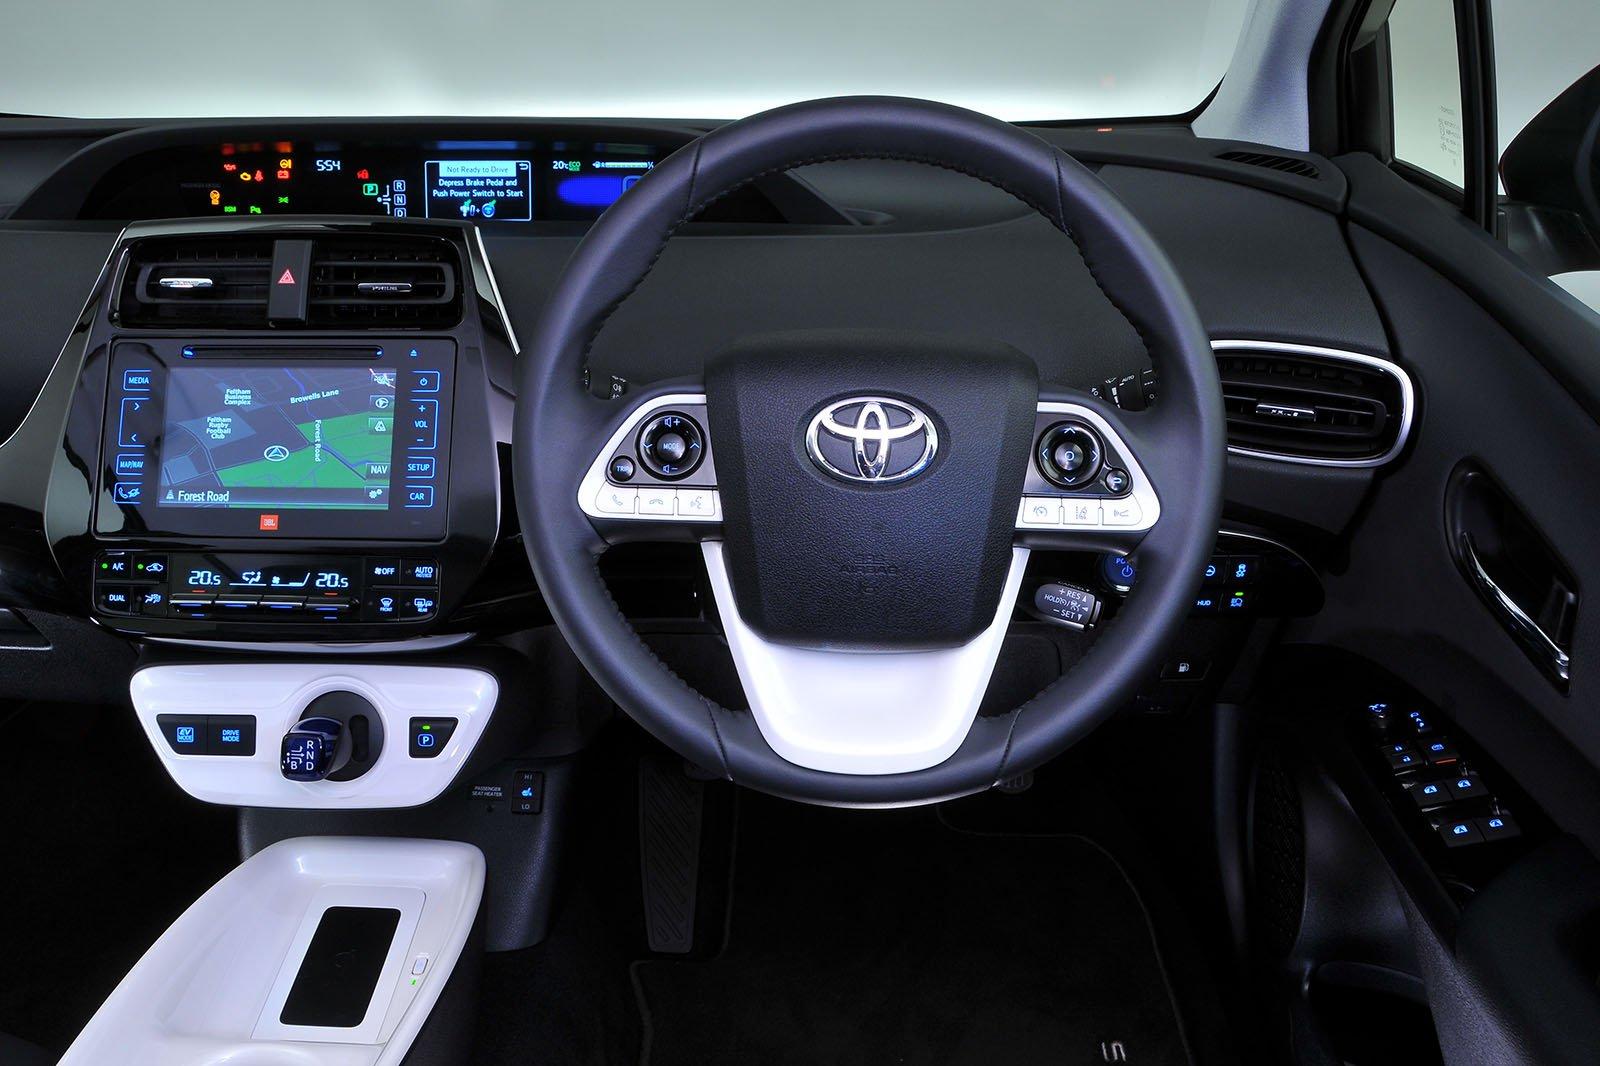 Used Toyota Prius interior